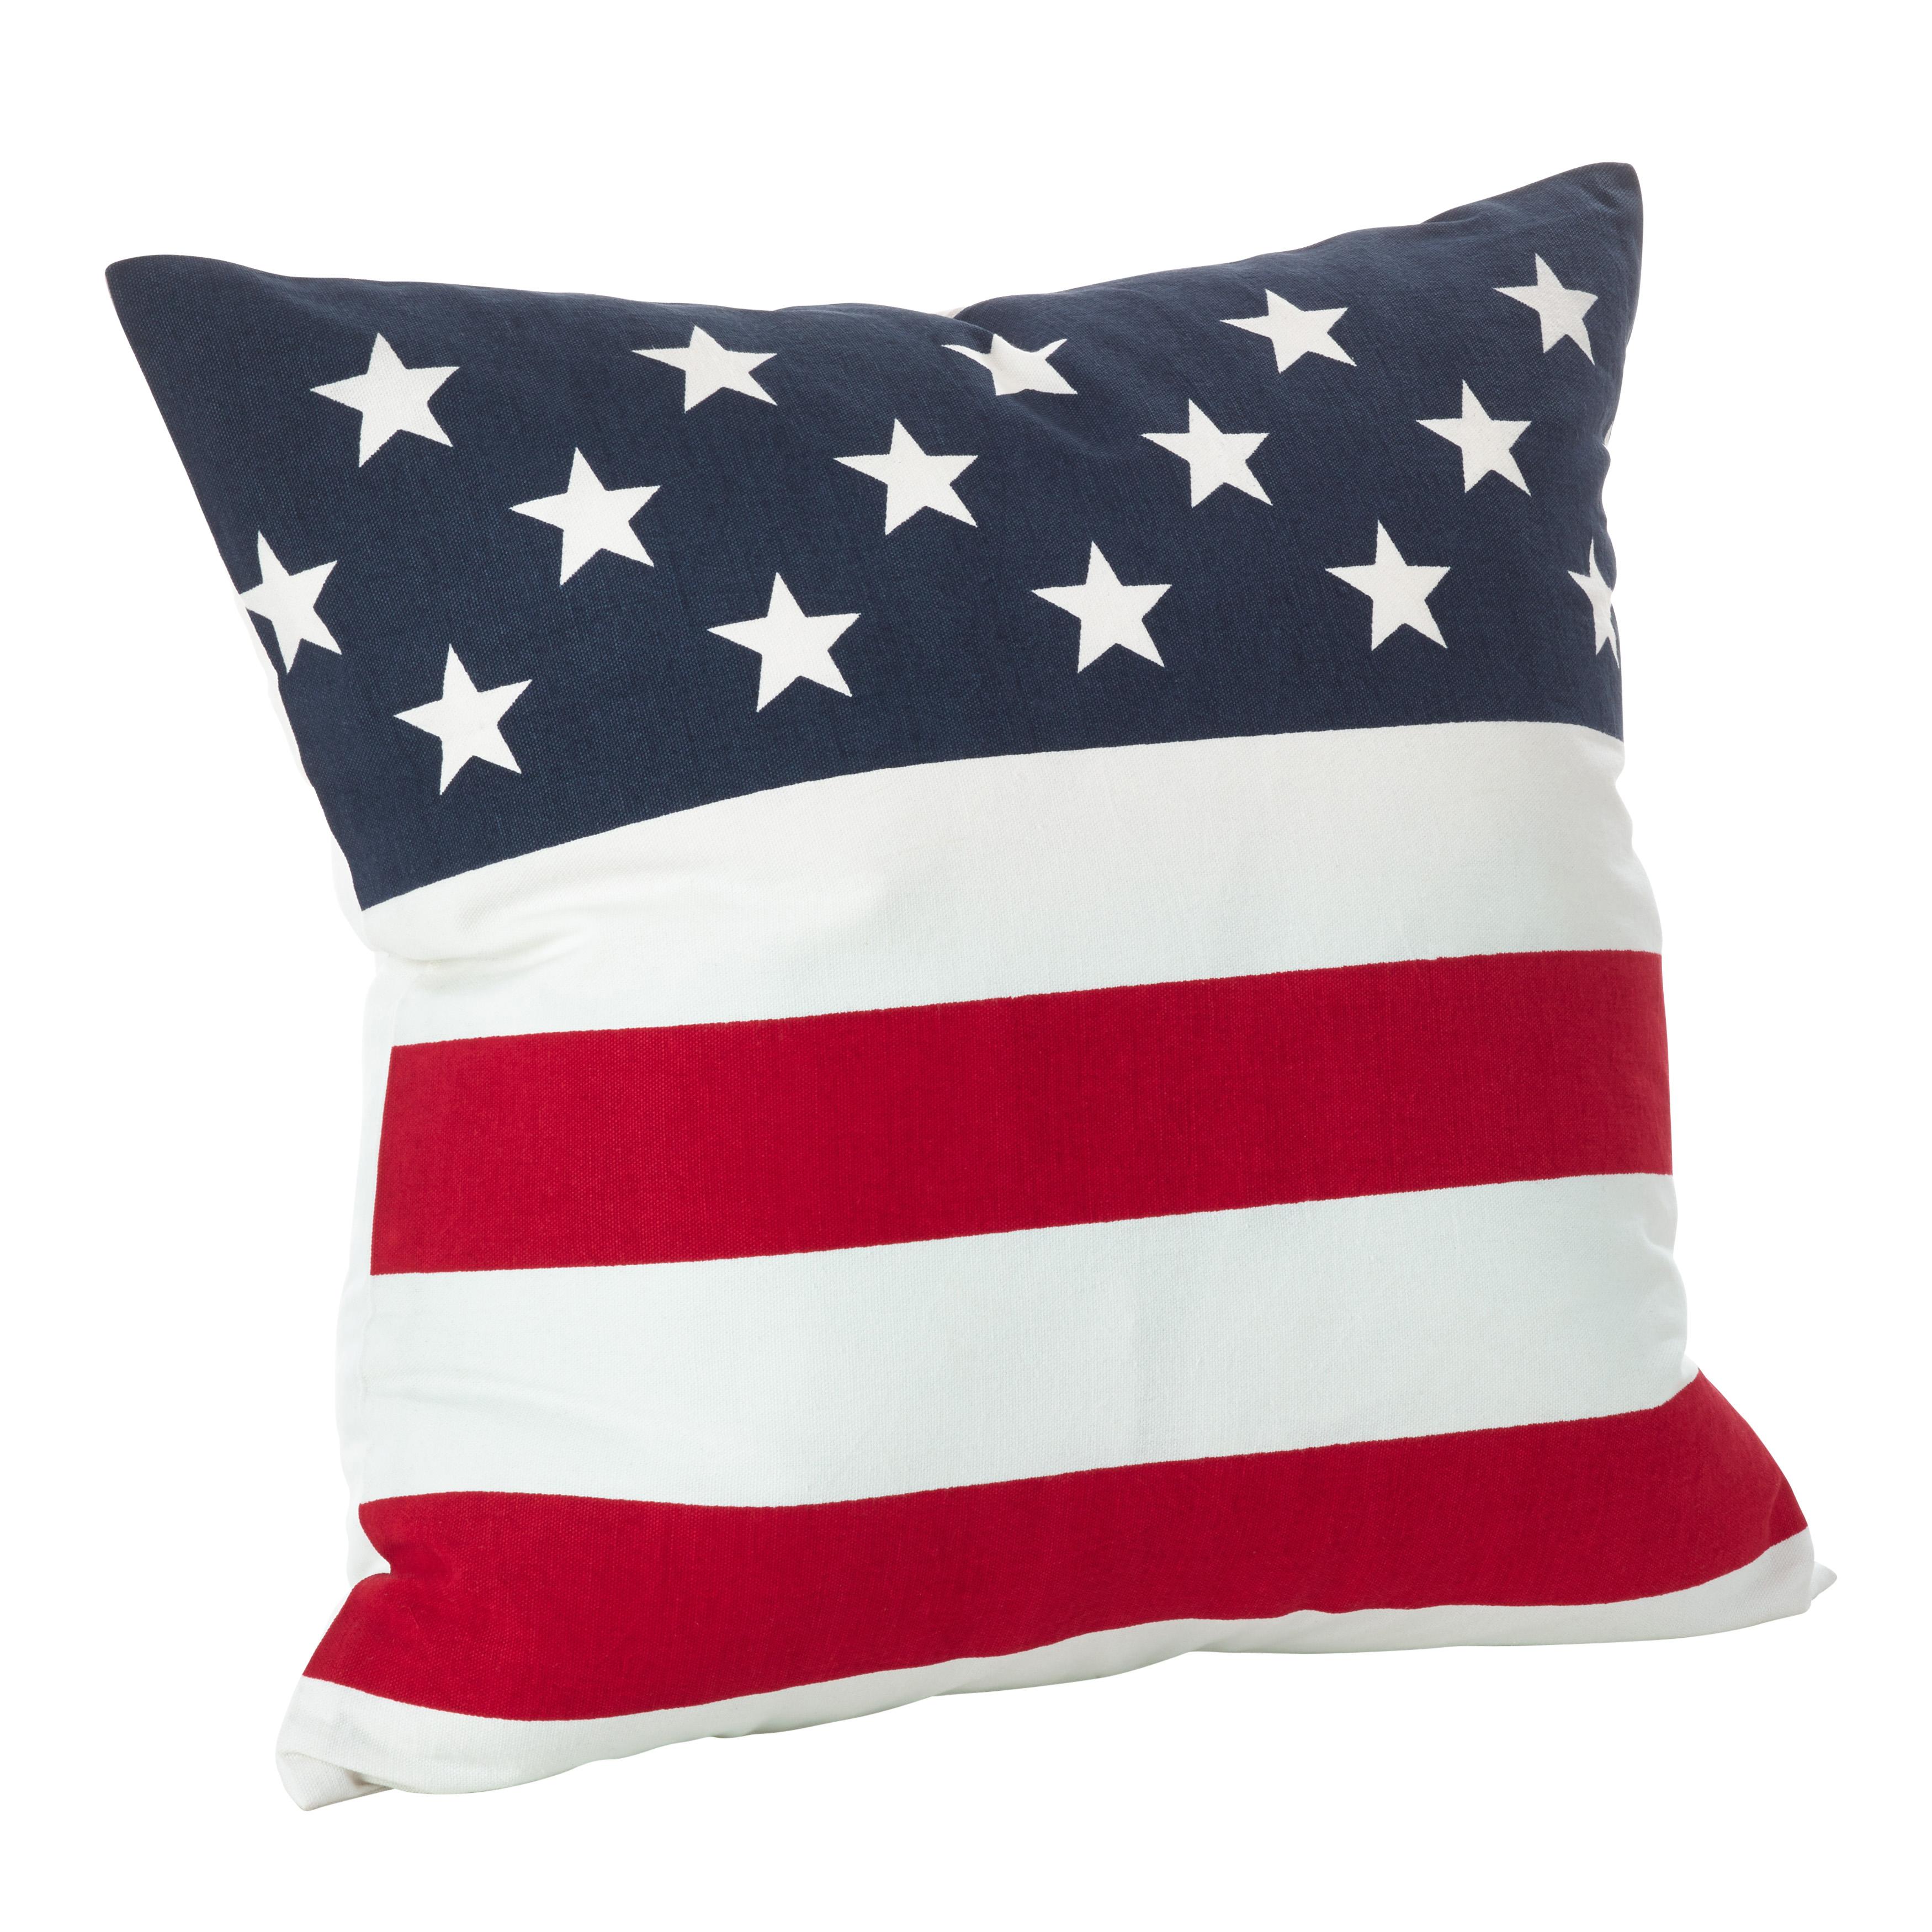 American Flag Design Cotton Down Filled Throw Pillow - Saro Lifestyle 0704P.M20S